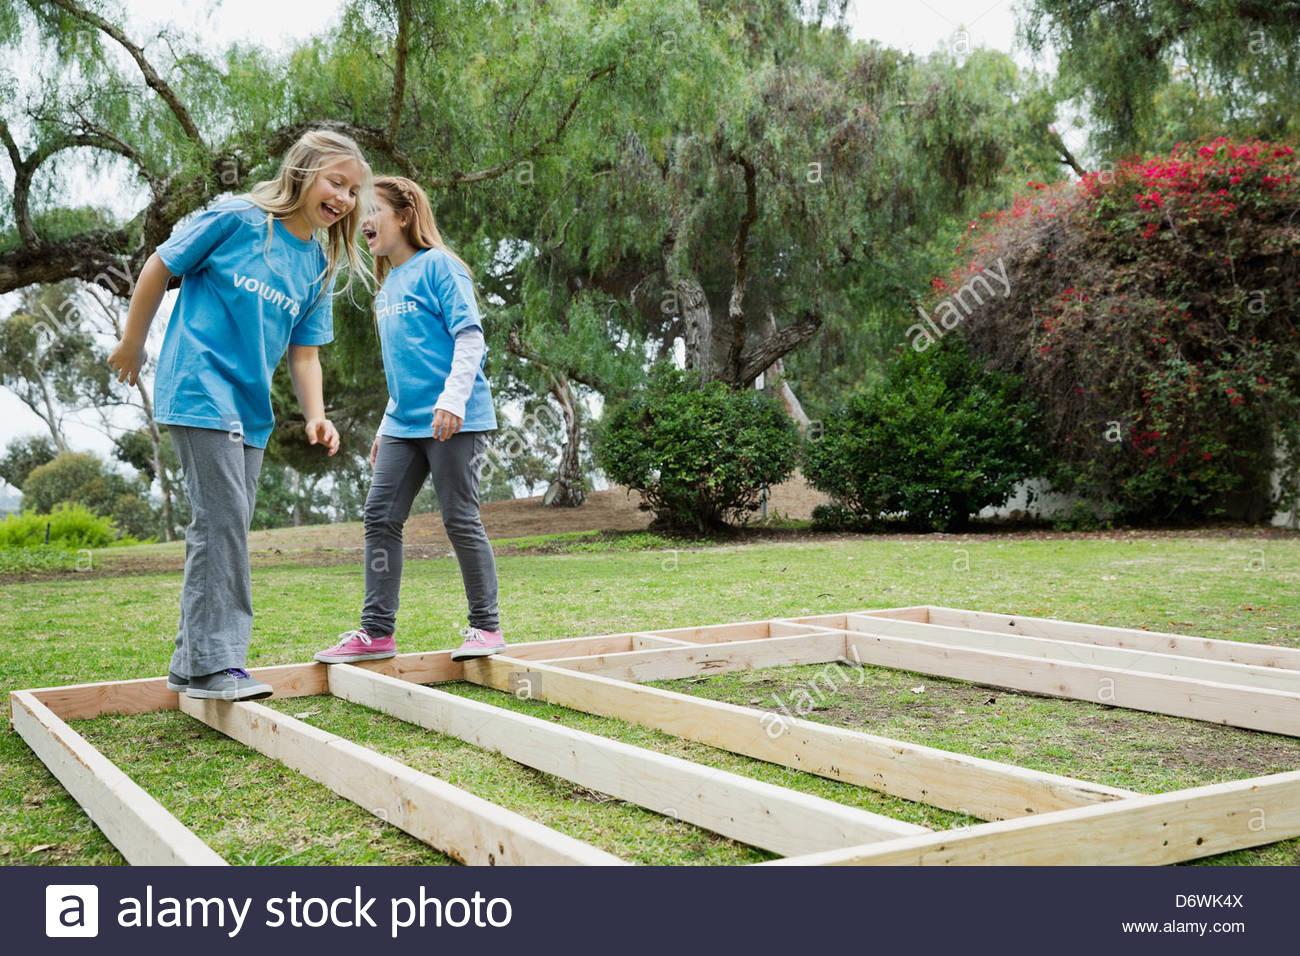 Poco alegres chicas jugando con marco de madera en el parque Imagen De Stock